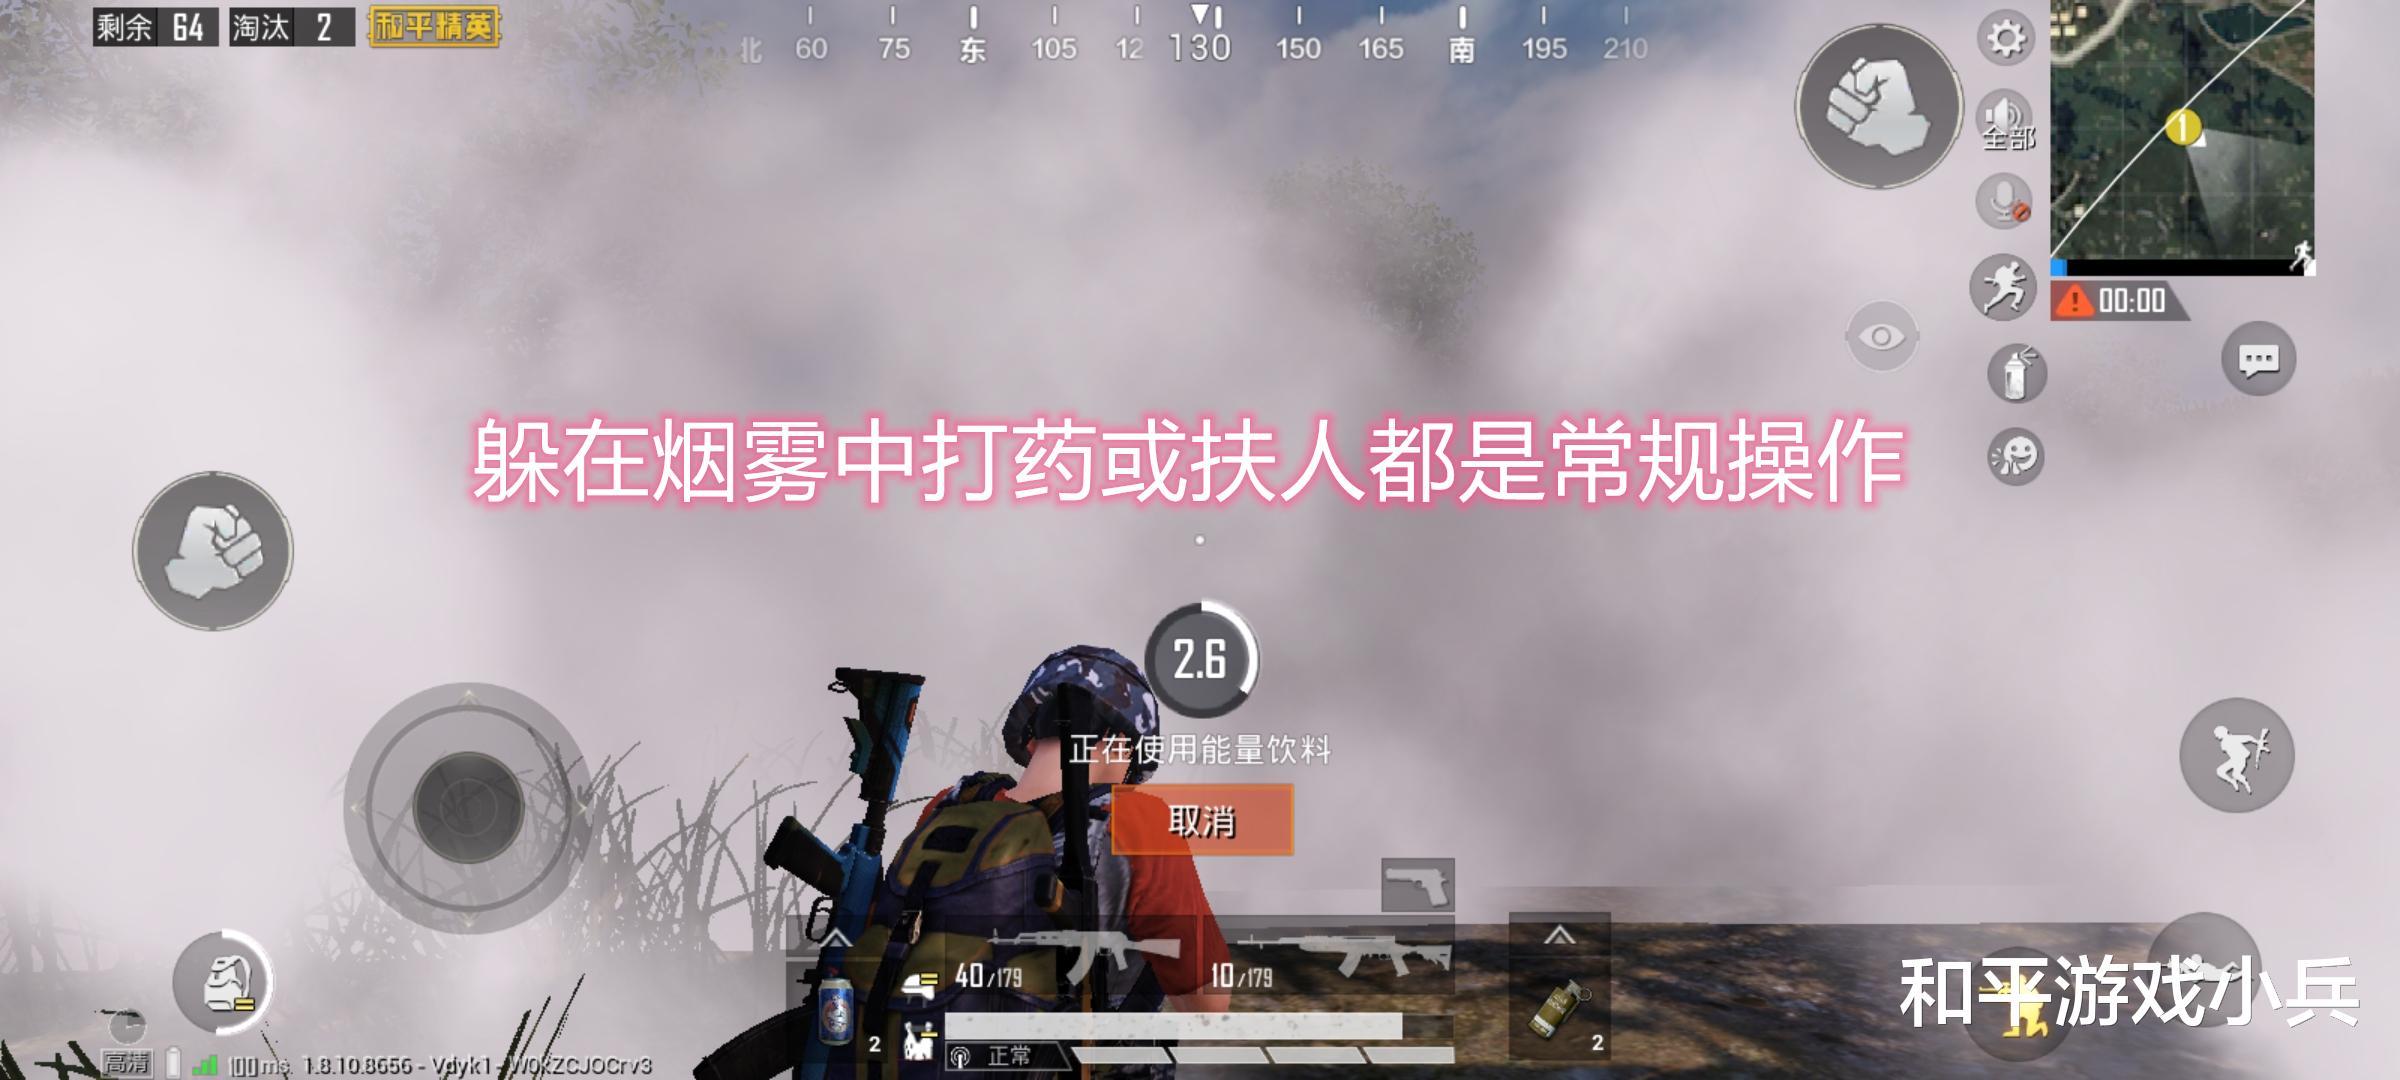 和平精英烟雾弹使用技巧,既可强攻又可救援,另有3种待解锁用途